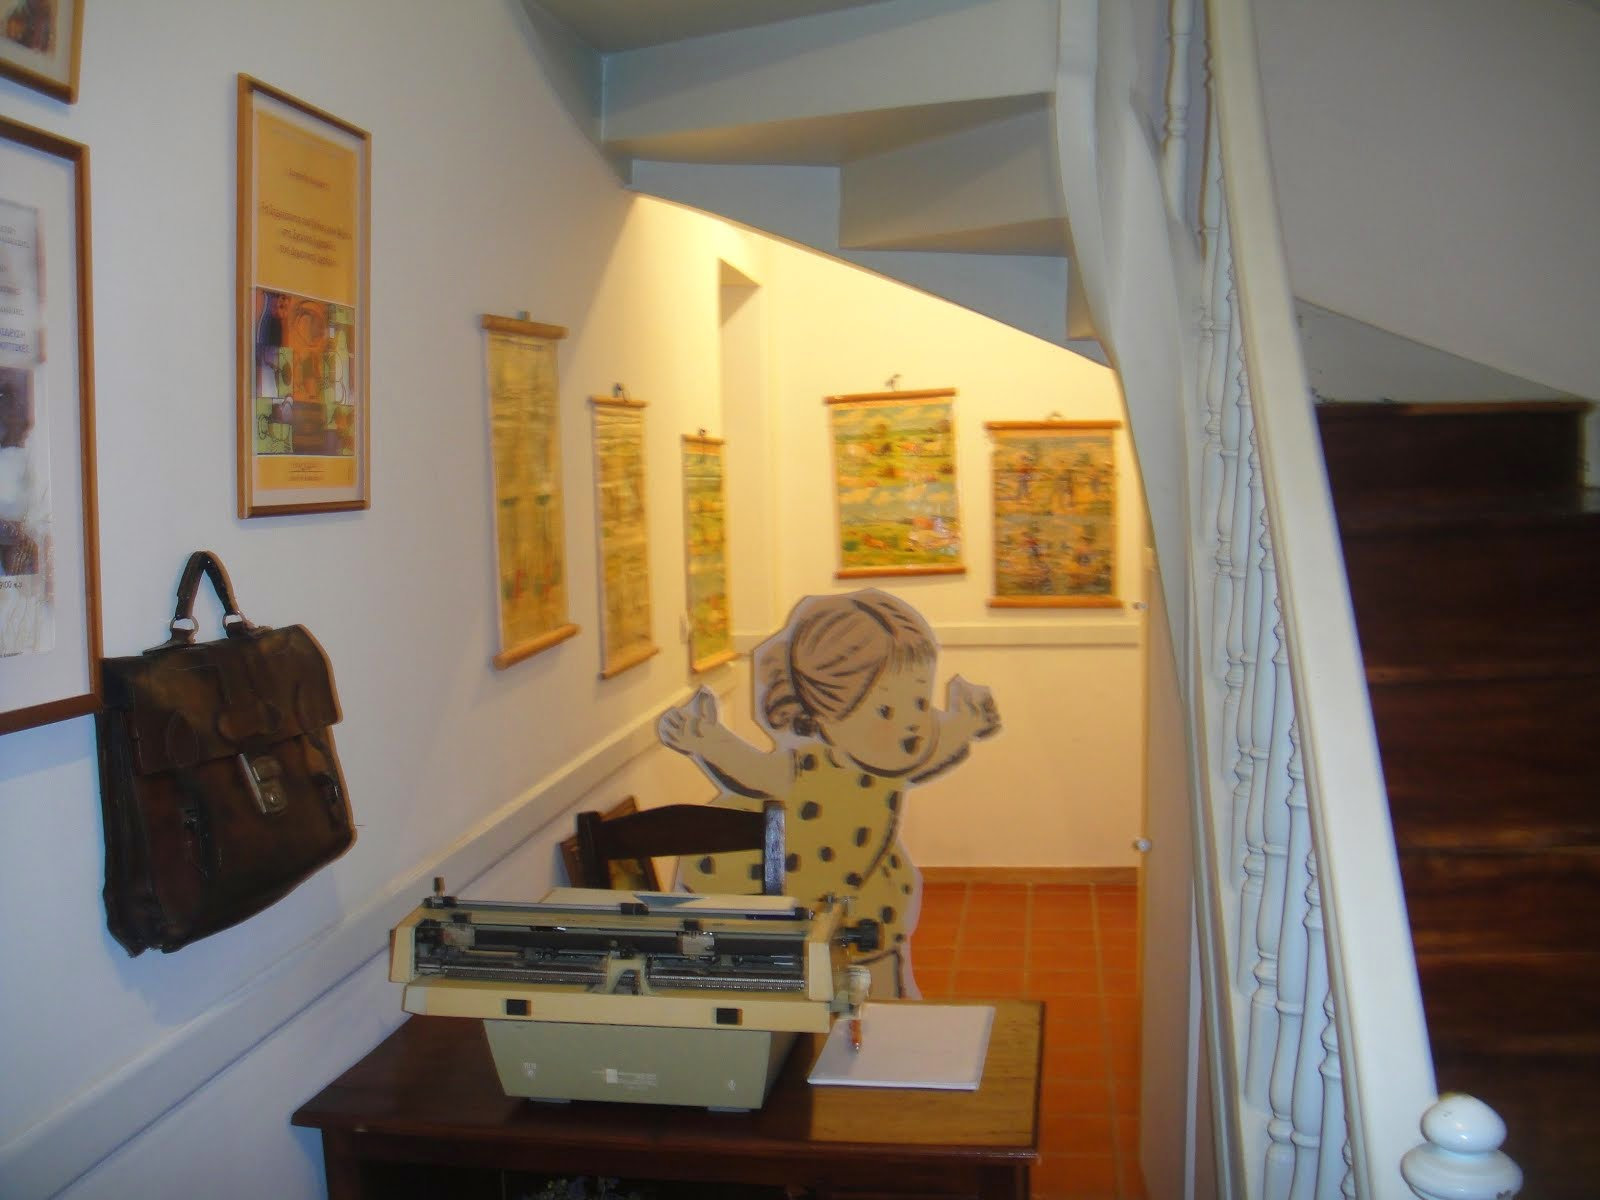 Μουσείο Σχολικής Ζωής και Εκπαίδευσης